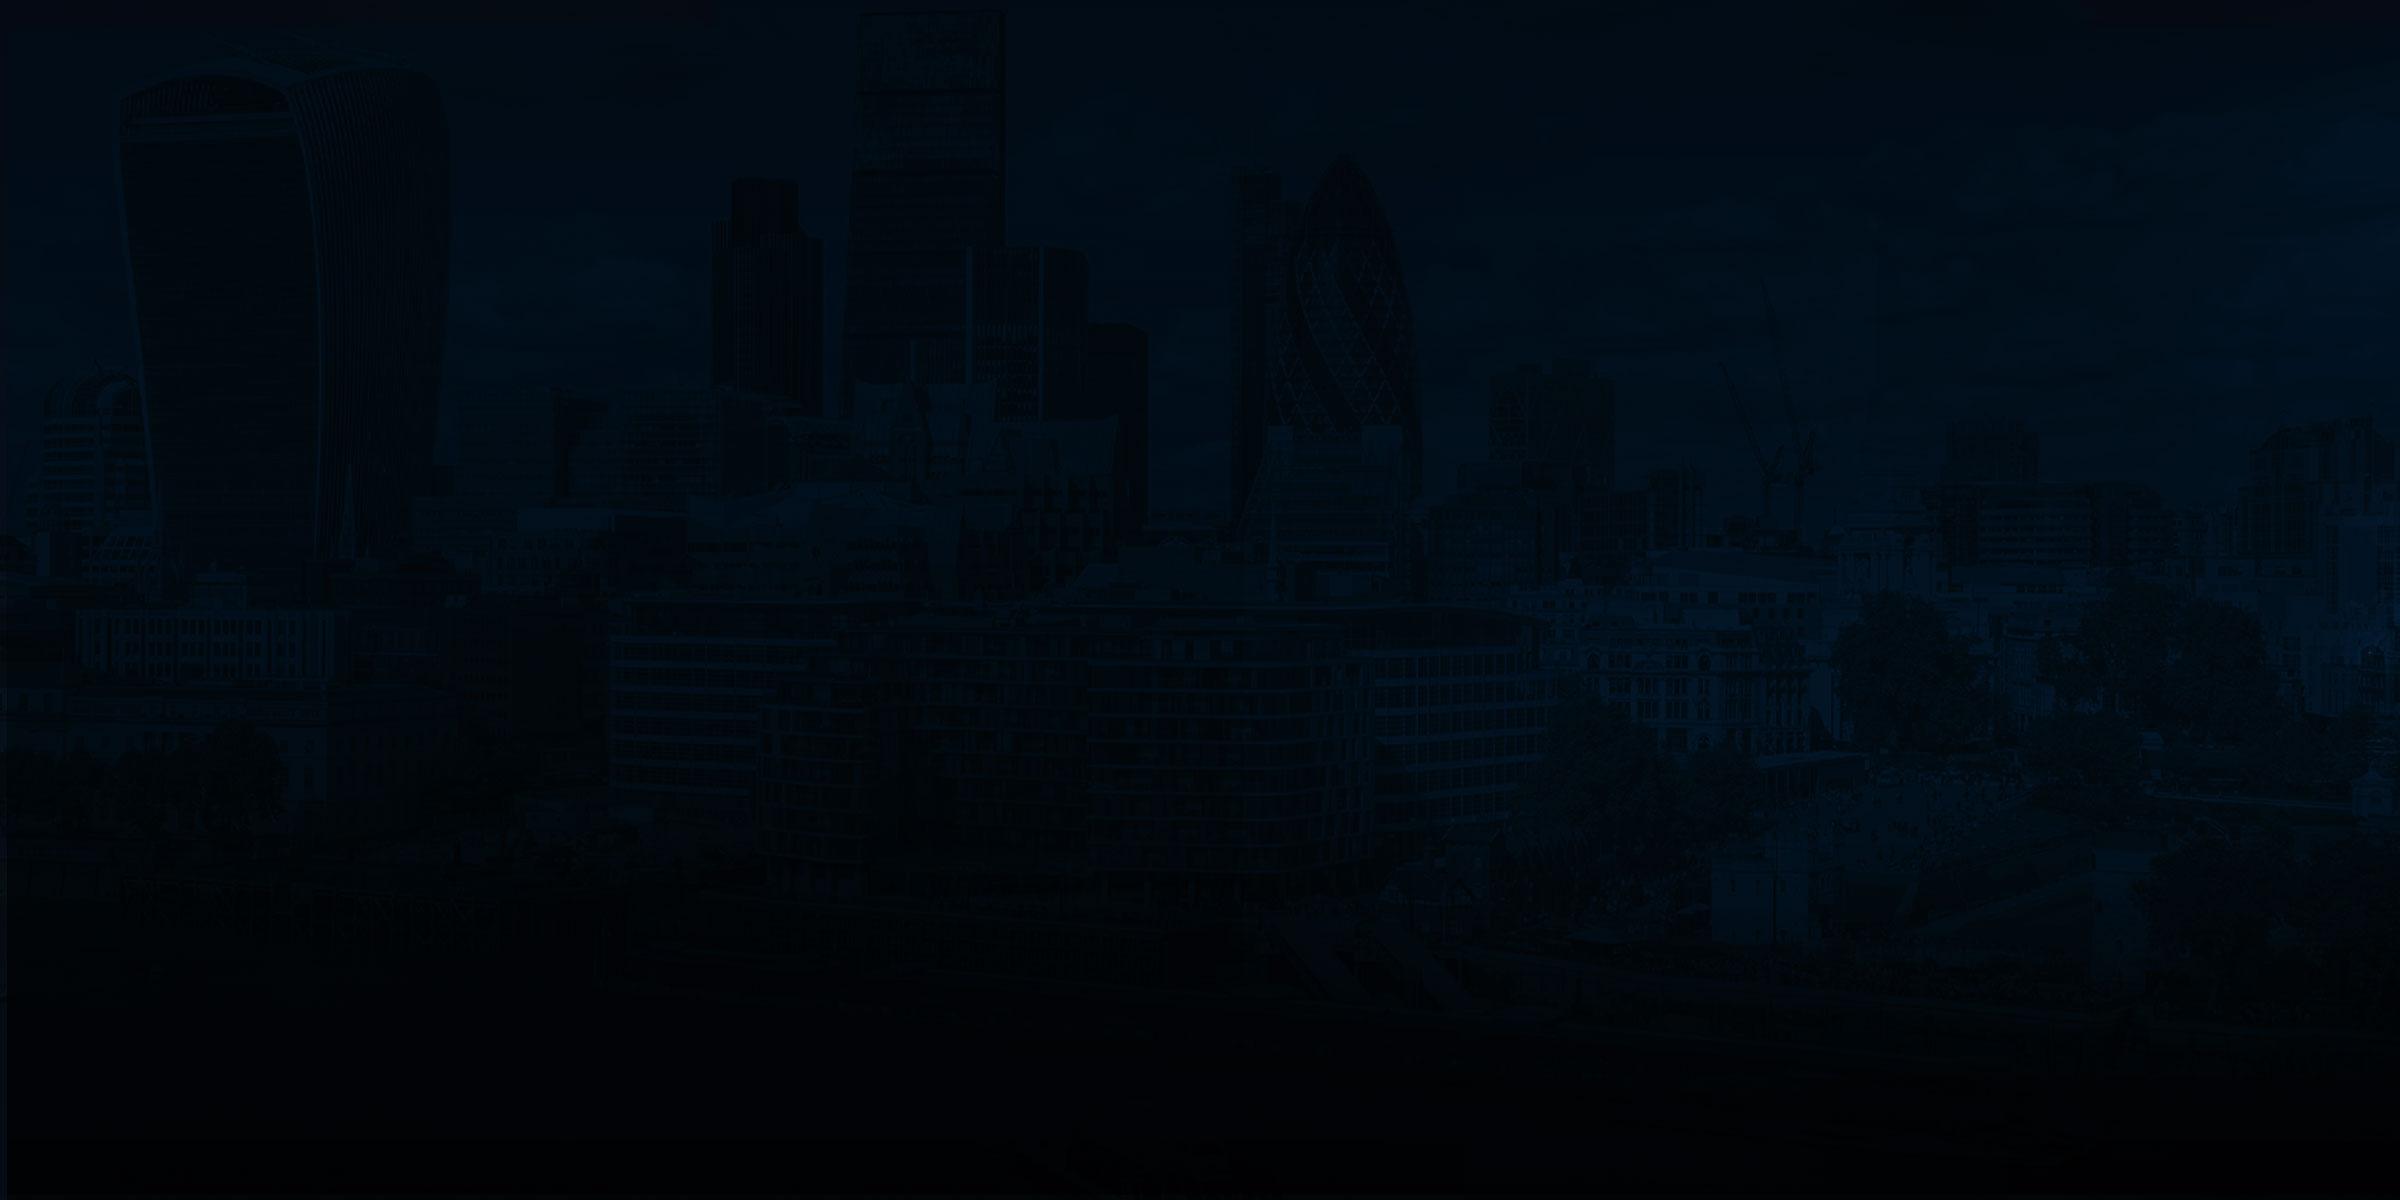 IM-IM3-background